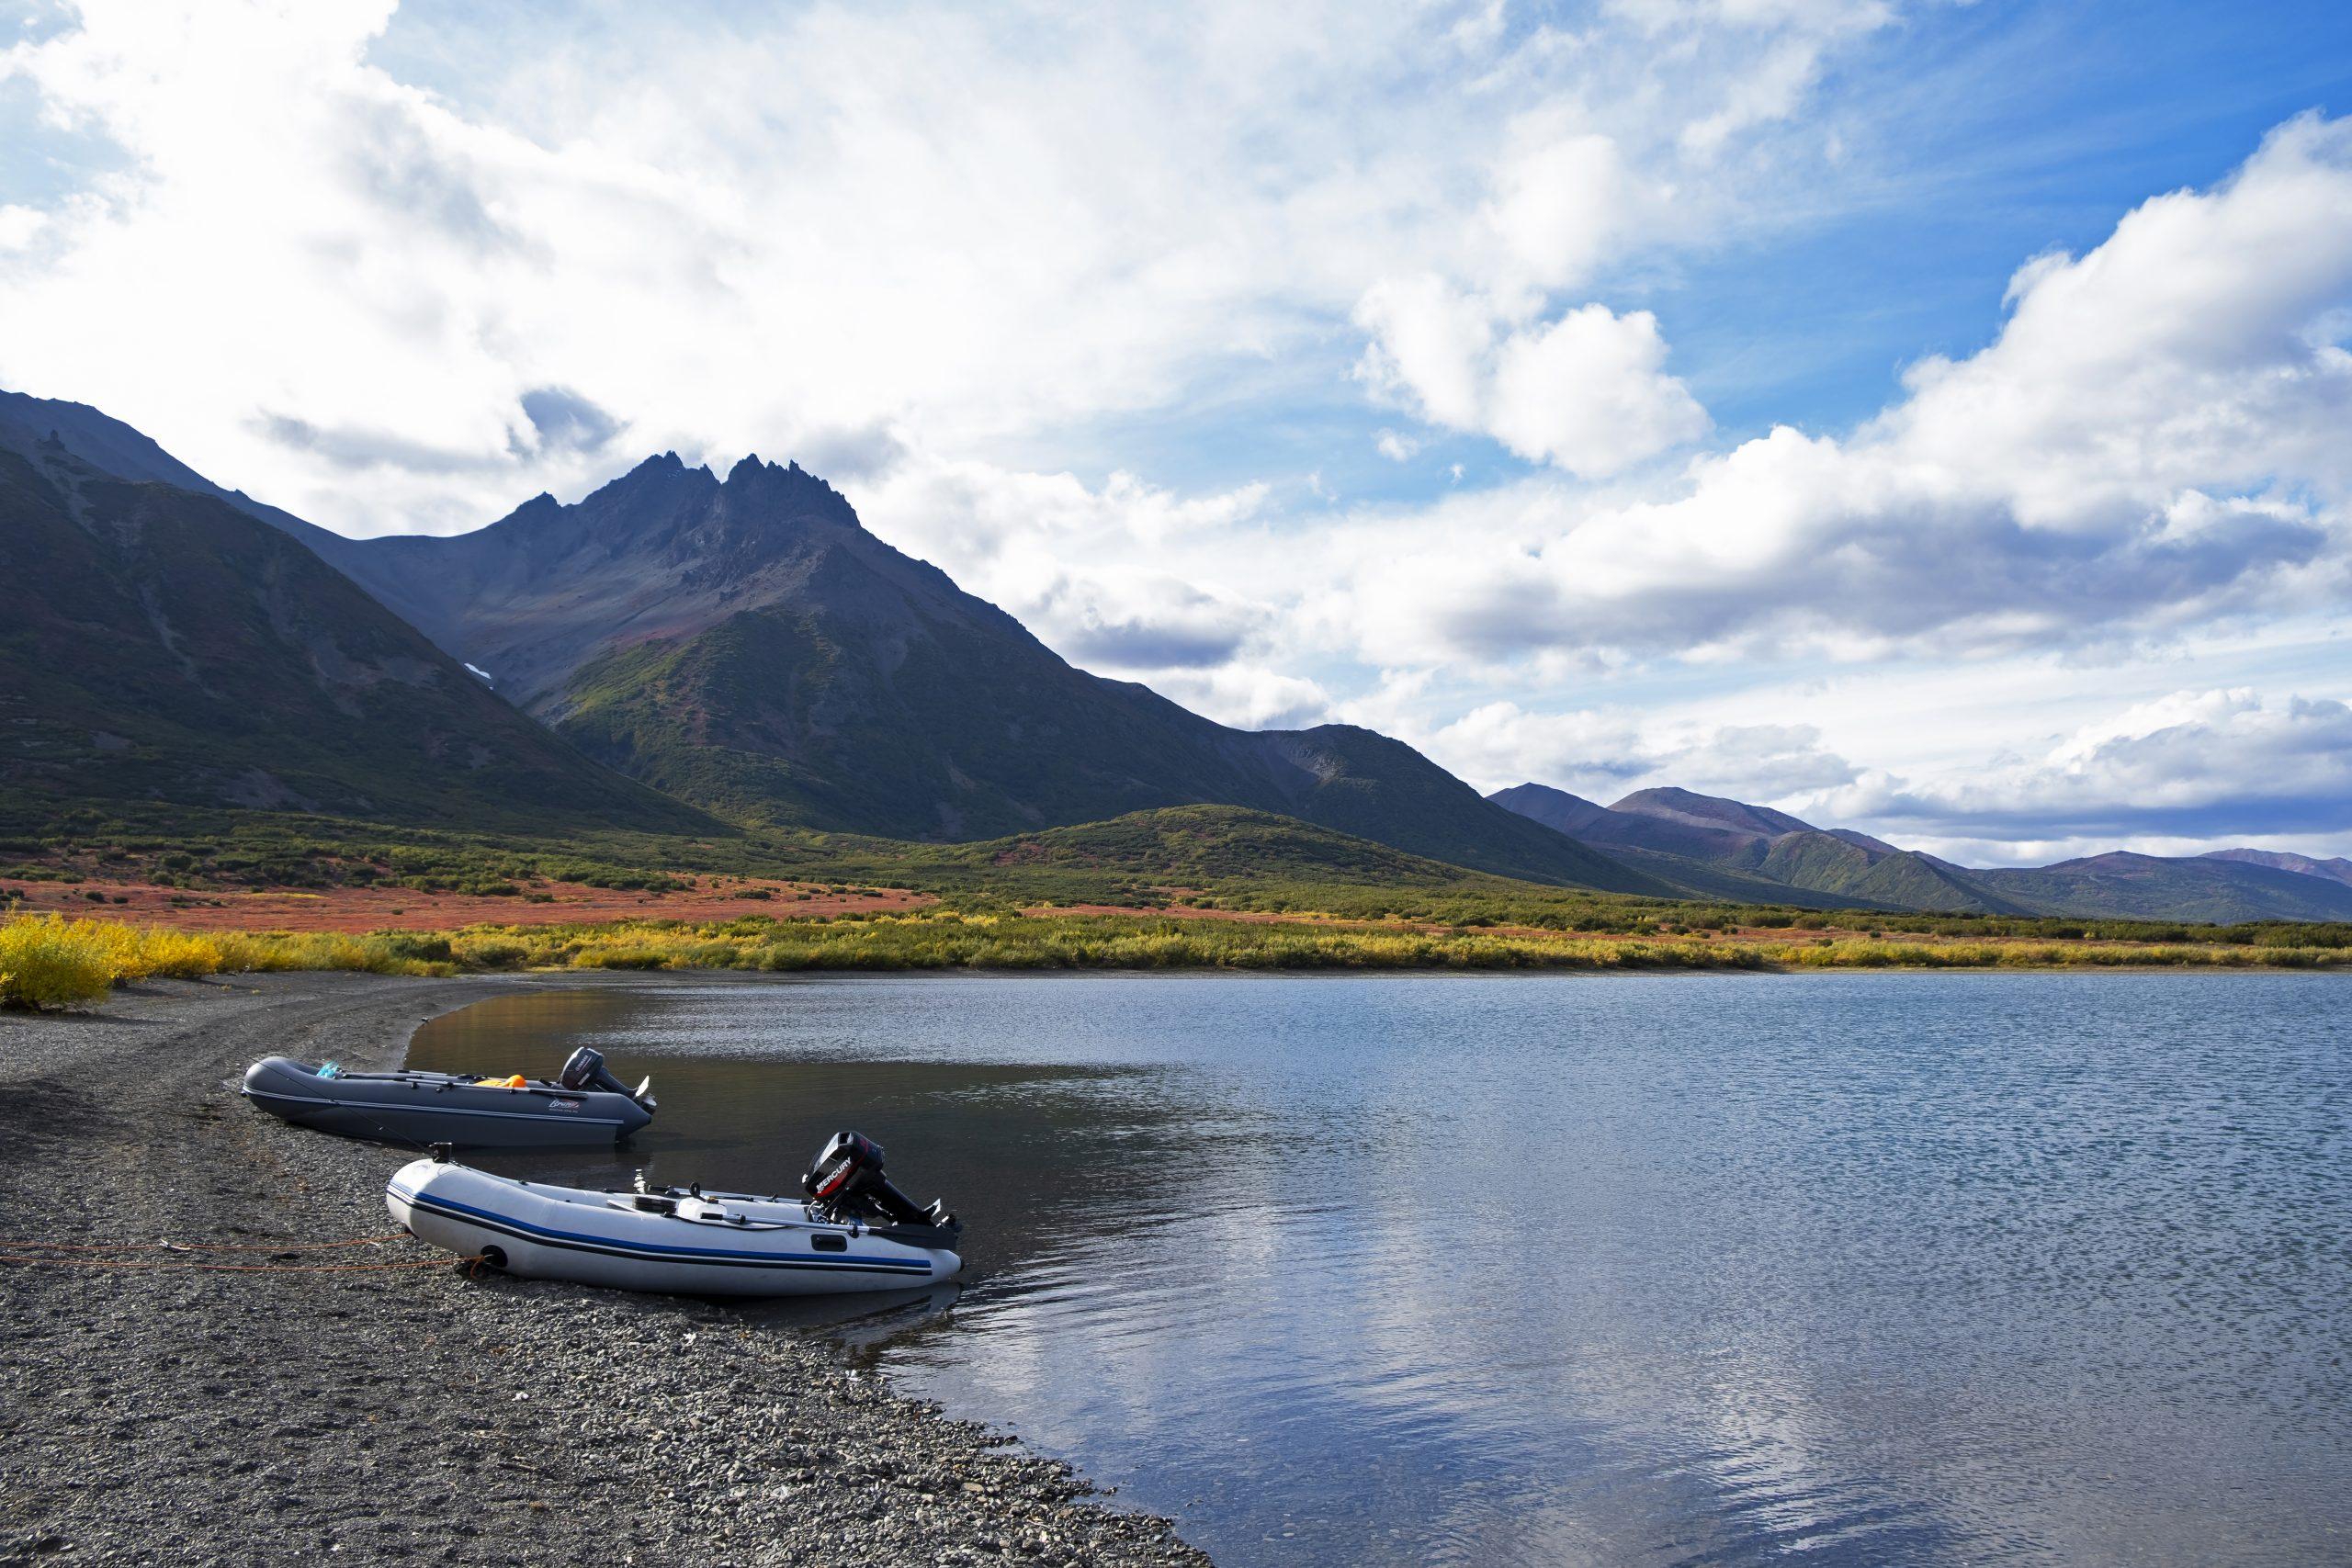 На месте тура «Летняя рыбалка на озере Майниц»